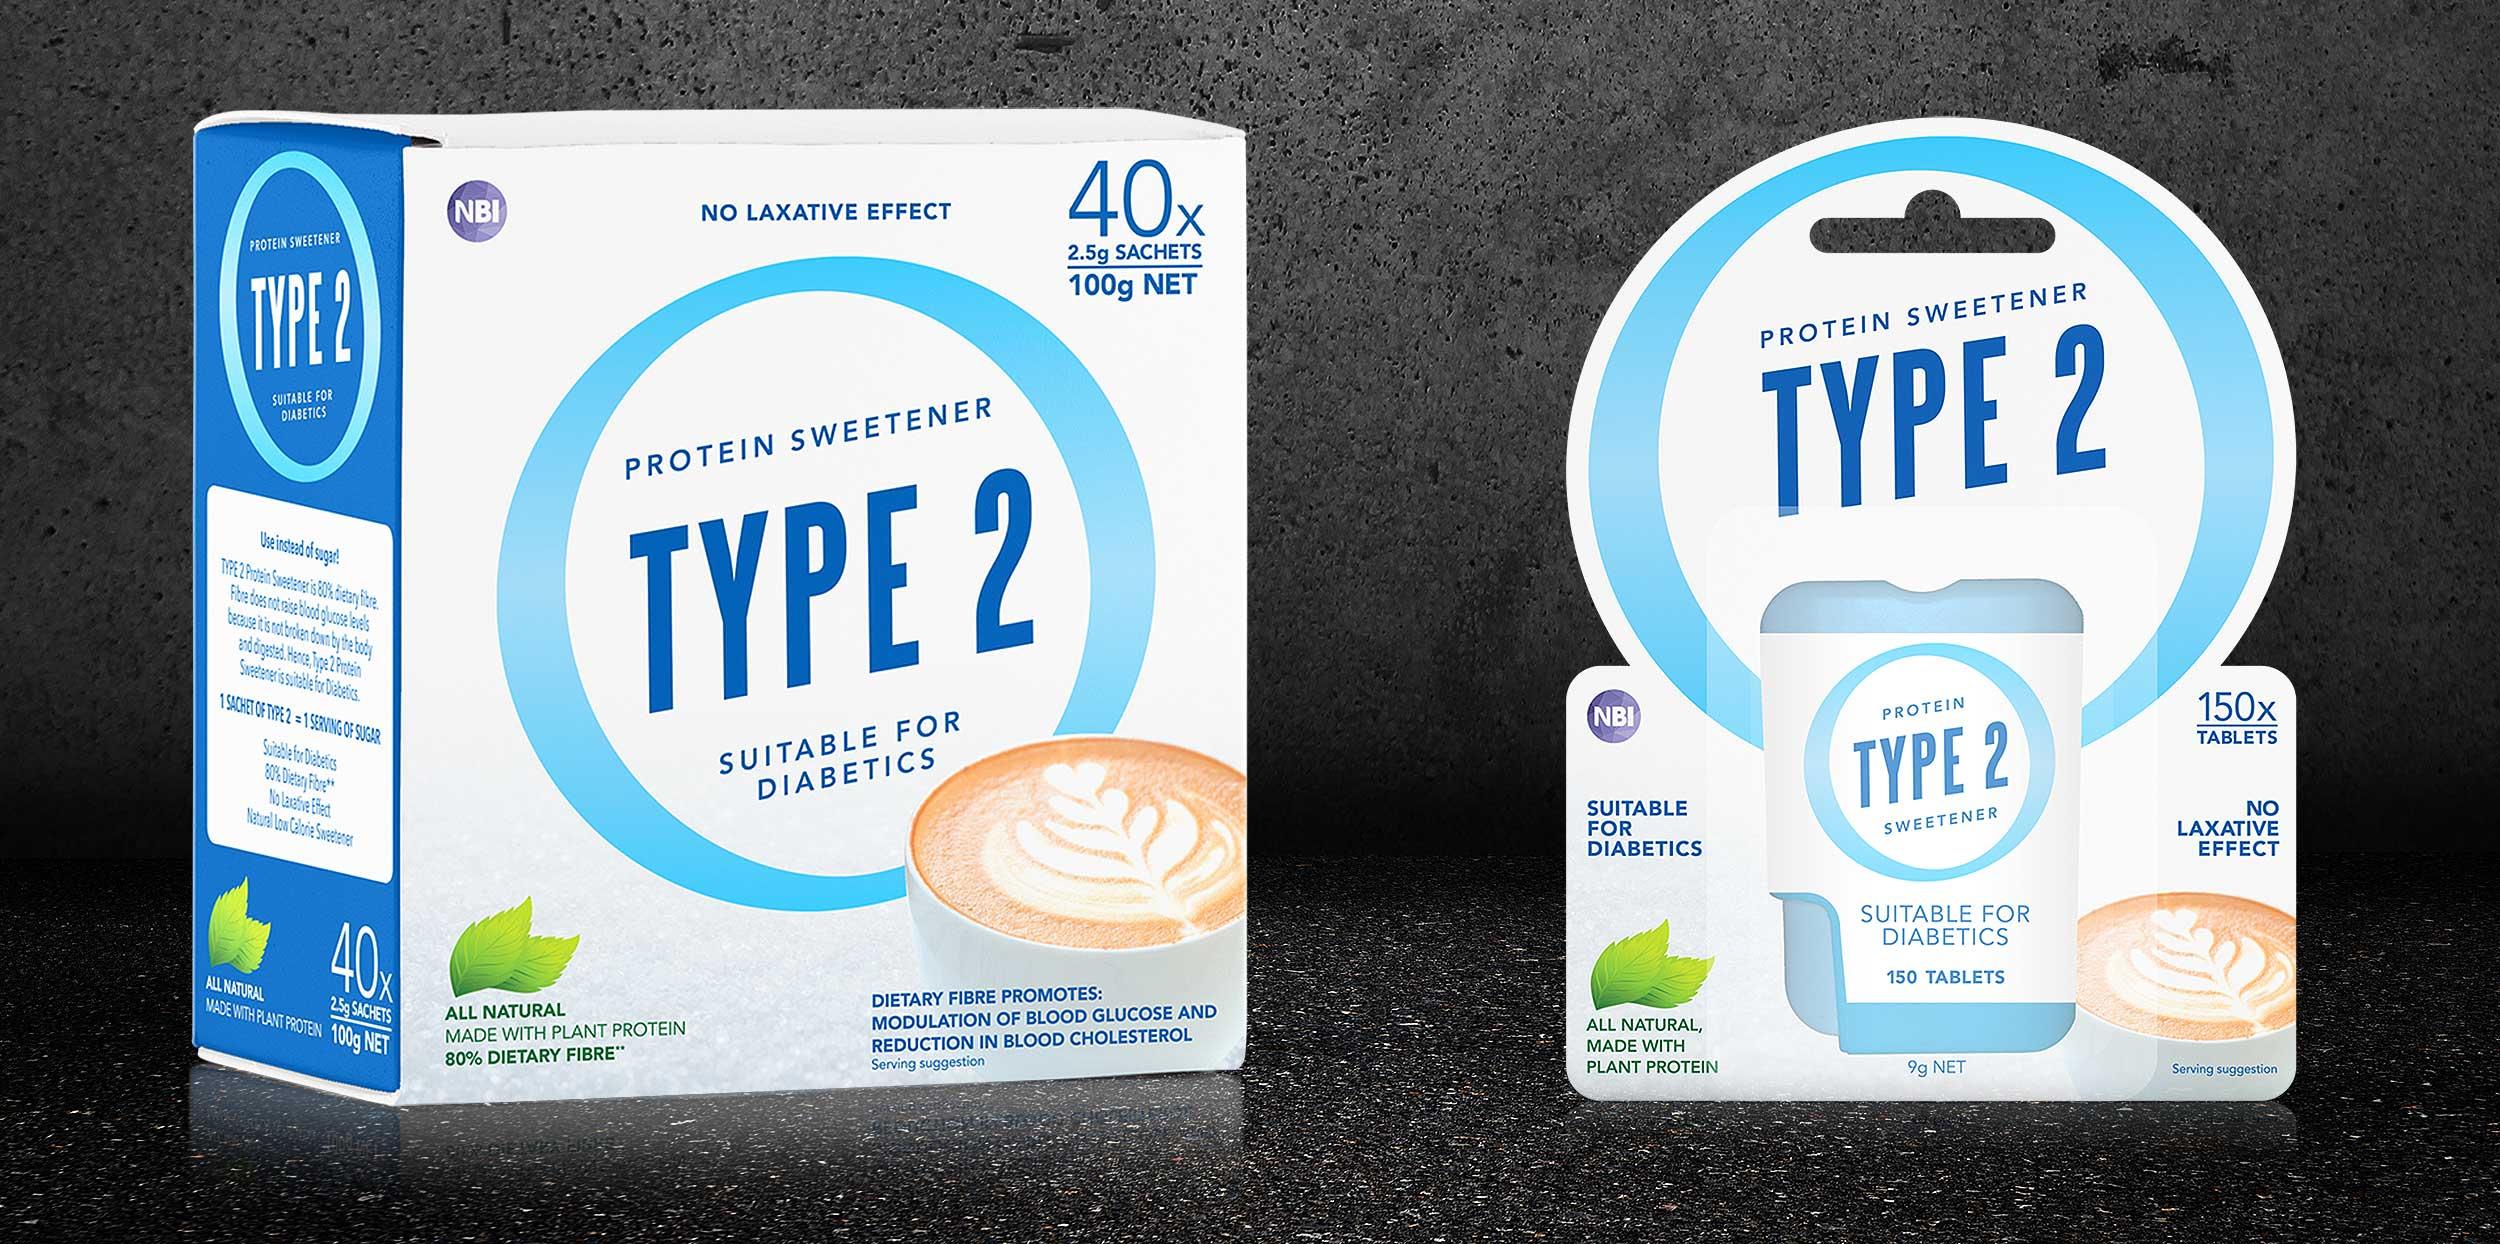 Handle-Sydney-Branding_NBI-Packaging-Retail-Consumer-Goods_Type-2-Sugar_1A.jpg